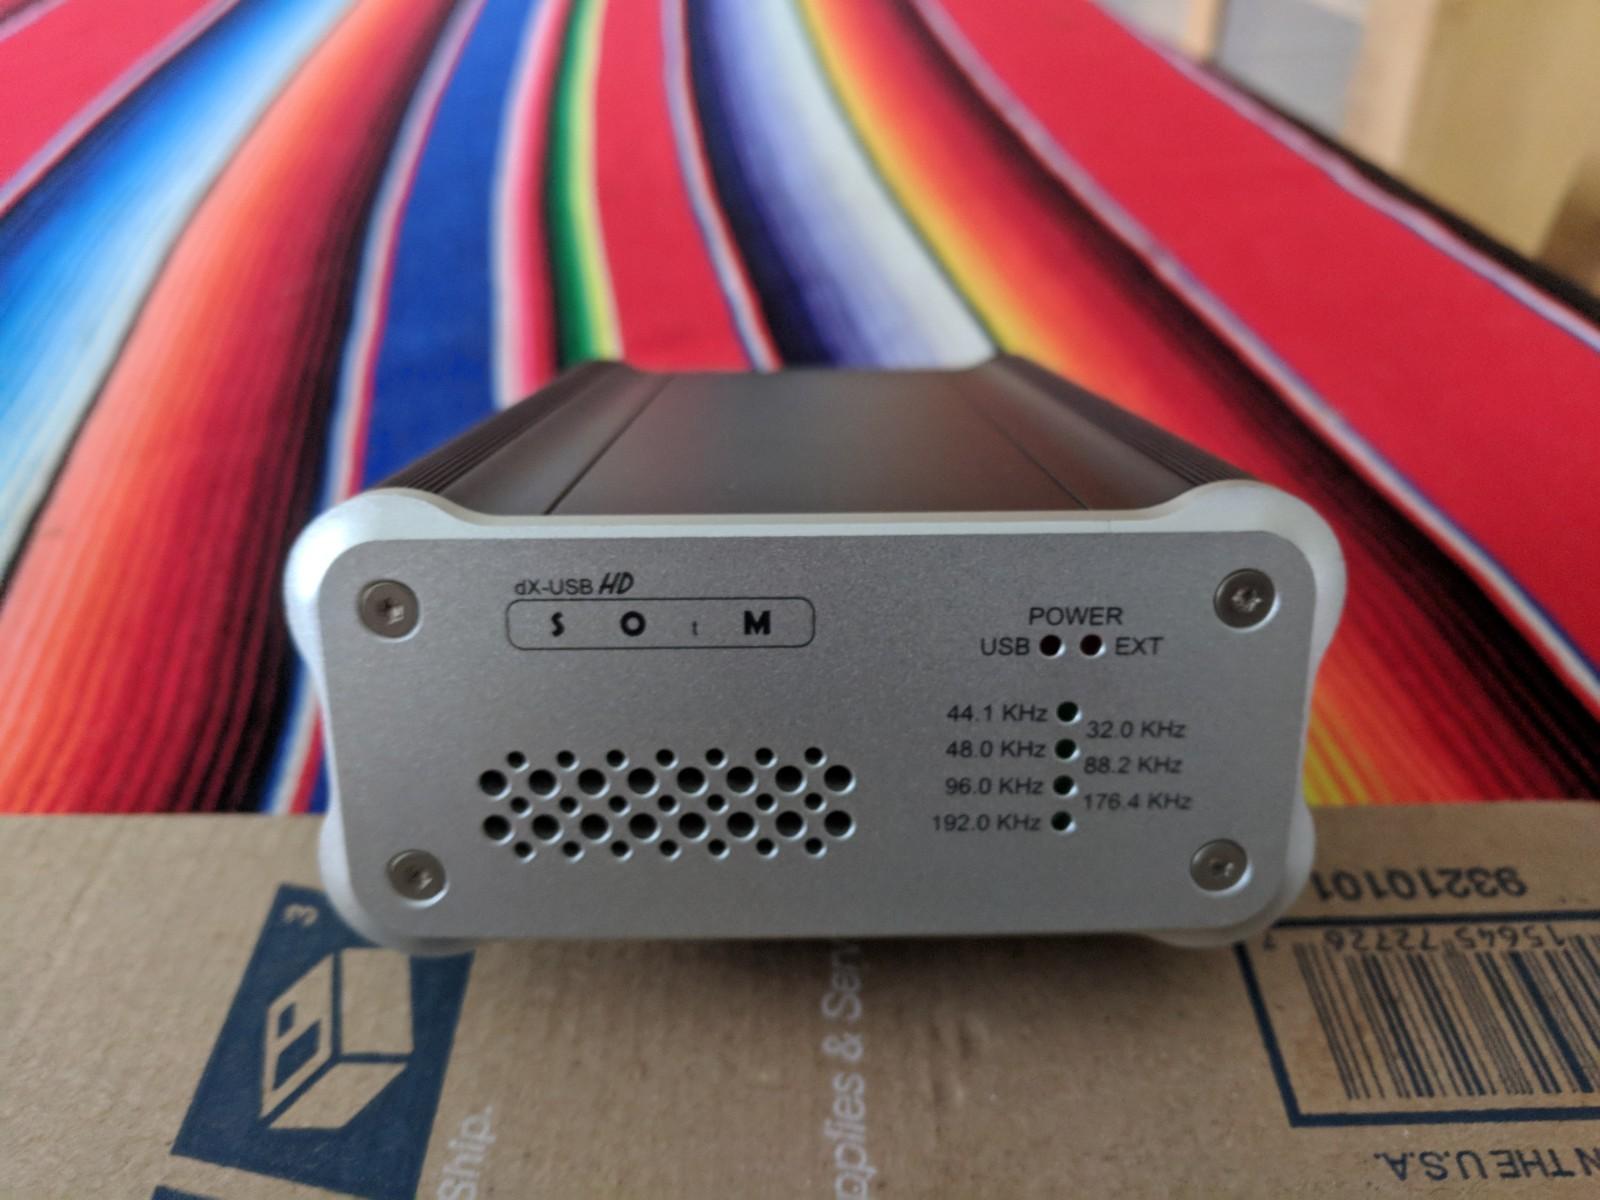 dx-usbHD-1.jpg